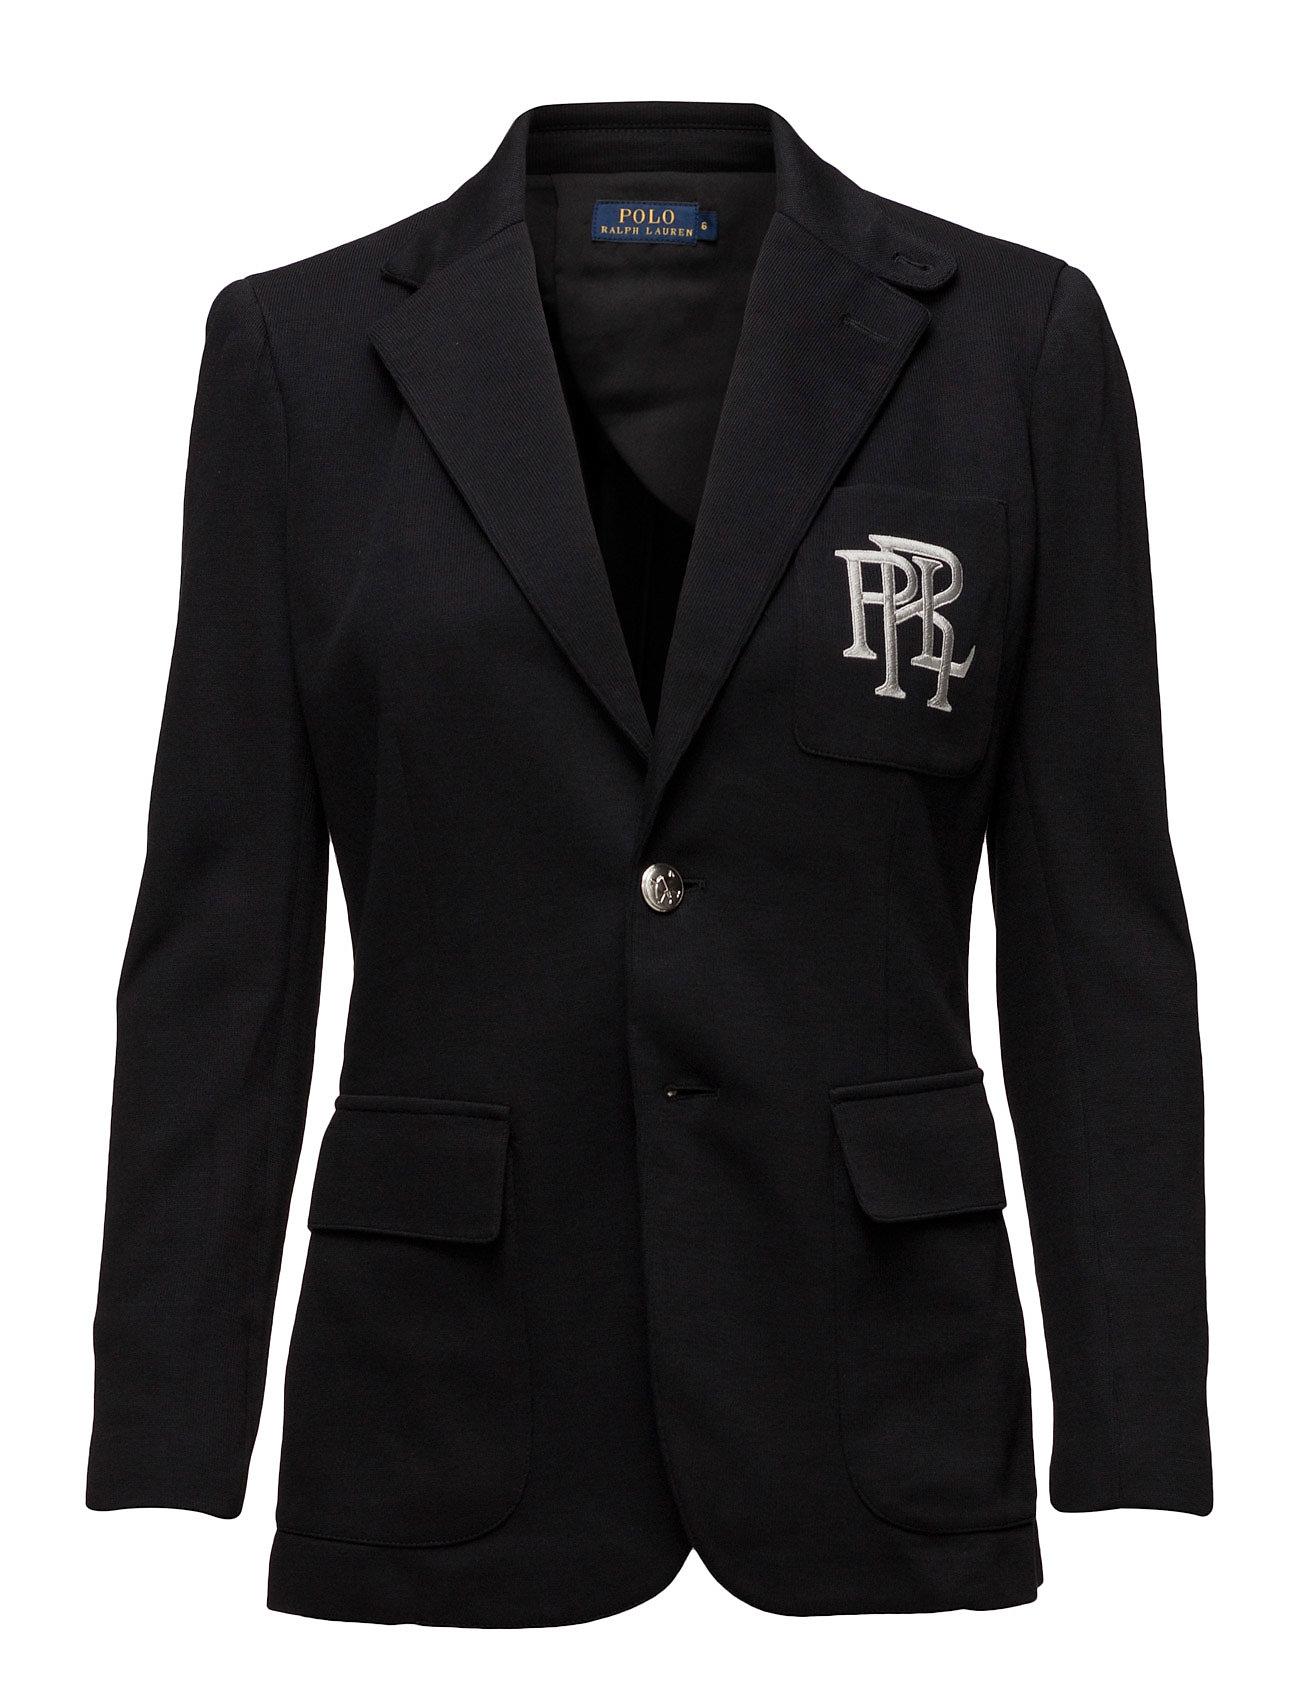 Polo Ralph Lauren Knit Cotton Blazer - POLO BLACK